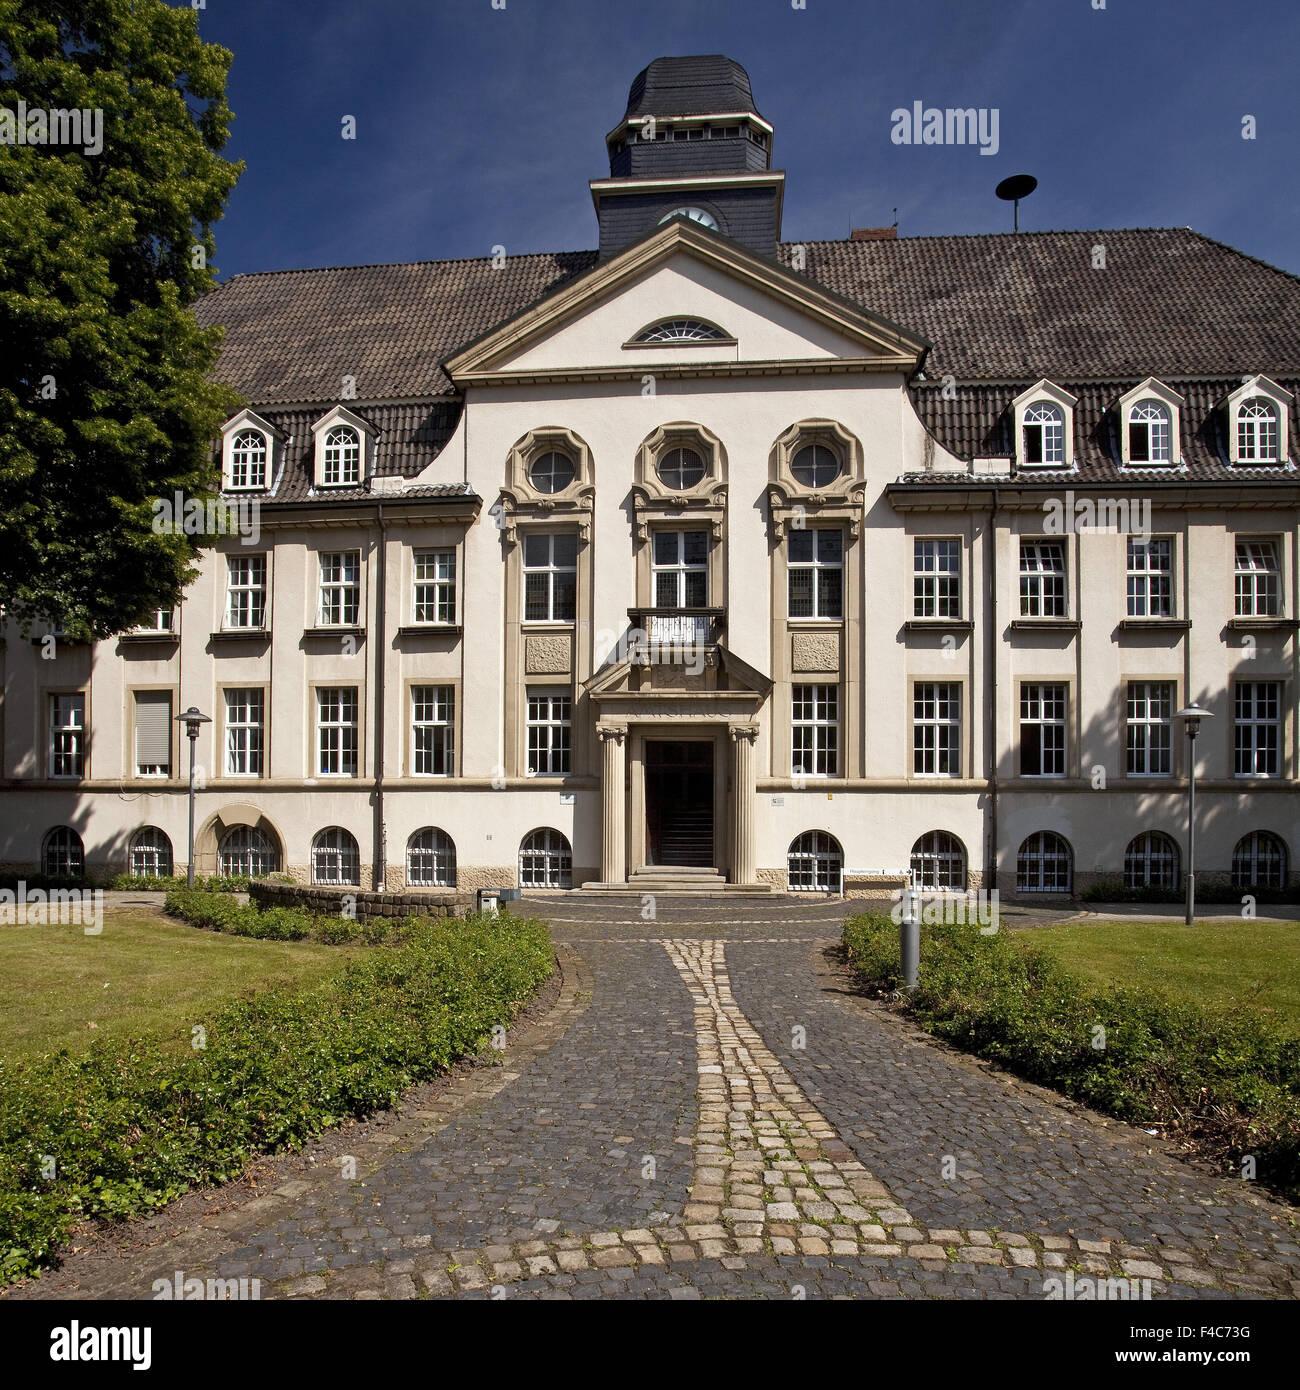 Casa oficial, Selm, Alemanha Imagens de Stock